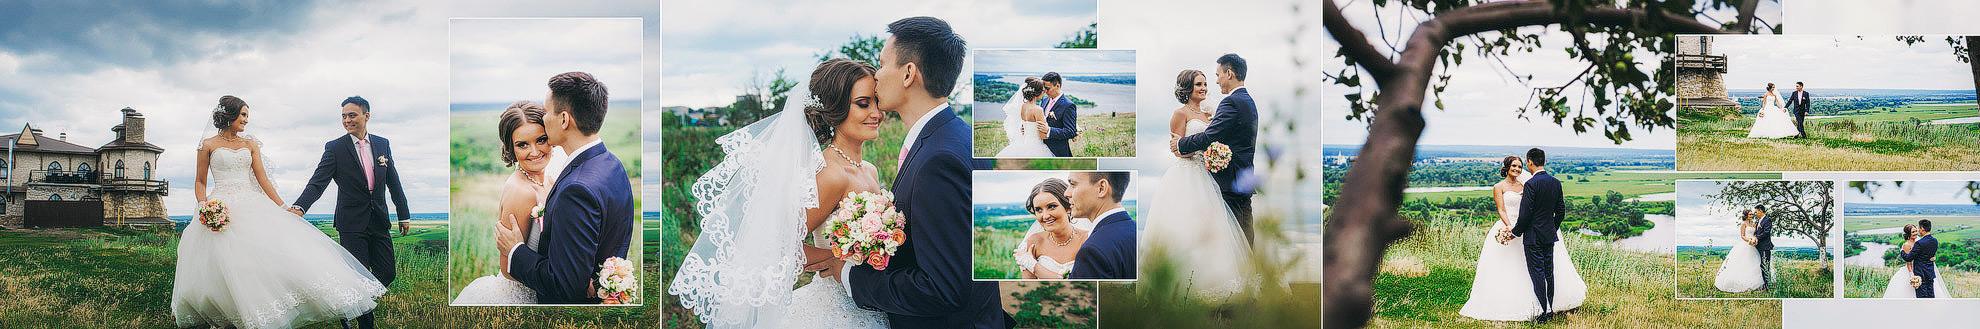 Свадебный фотограф в Челнах (фотограф свадьба Челны)